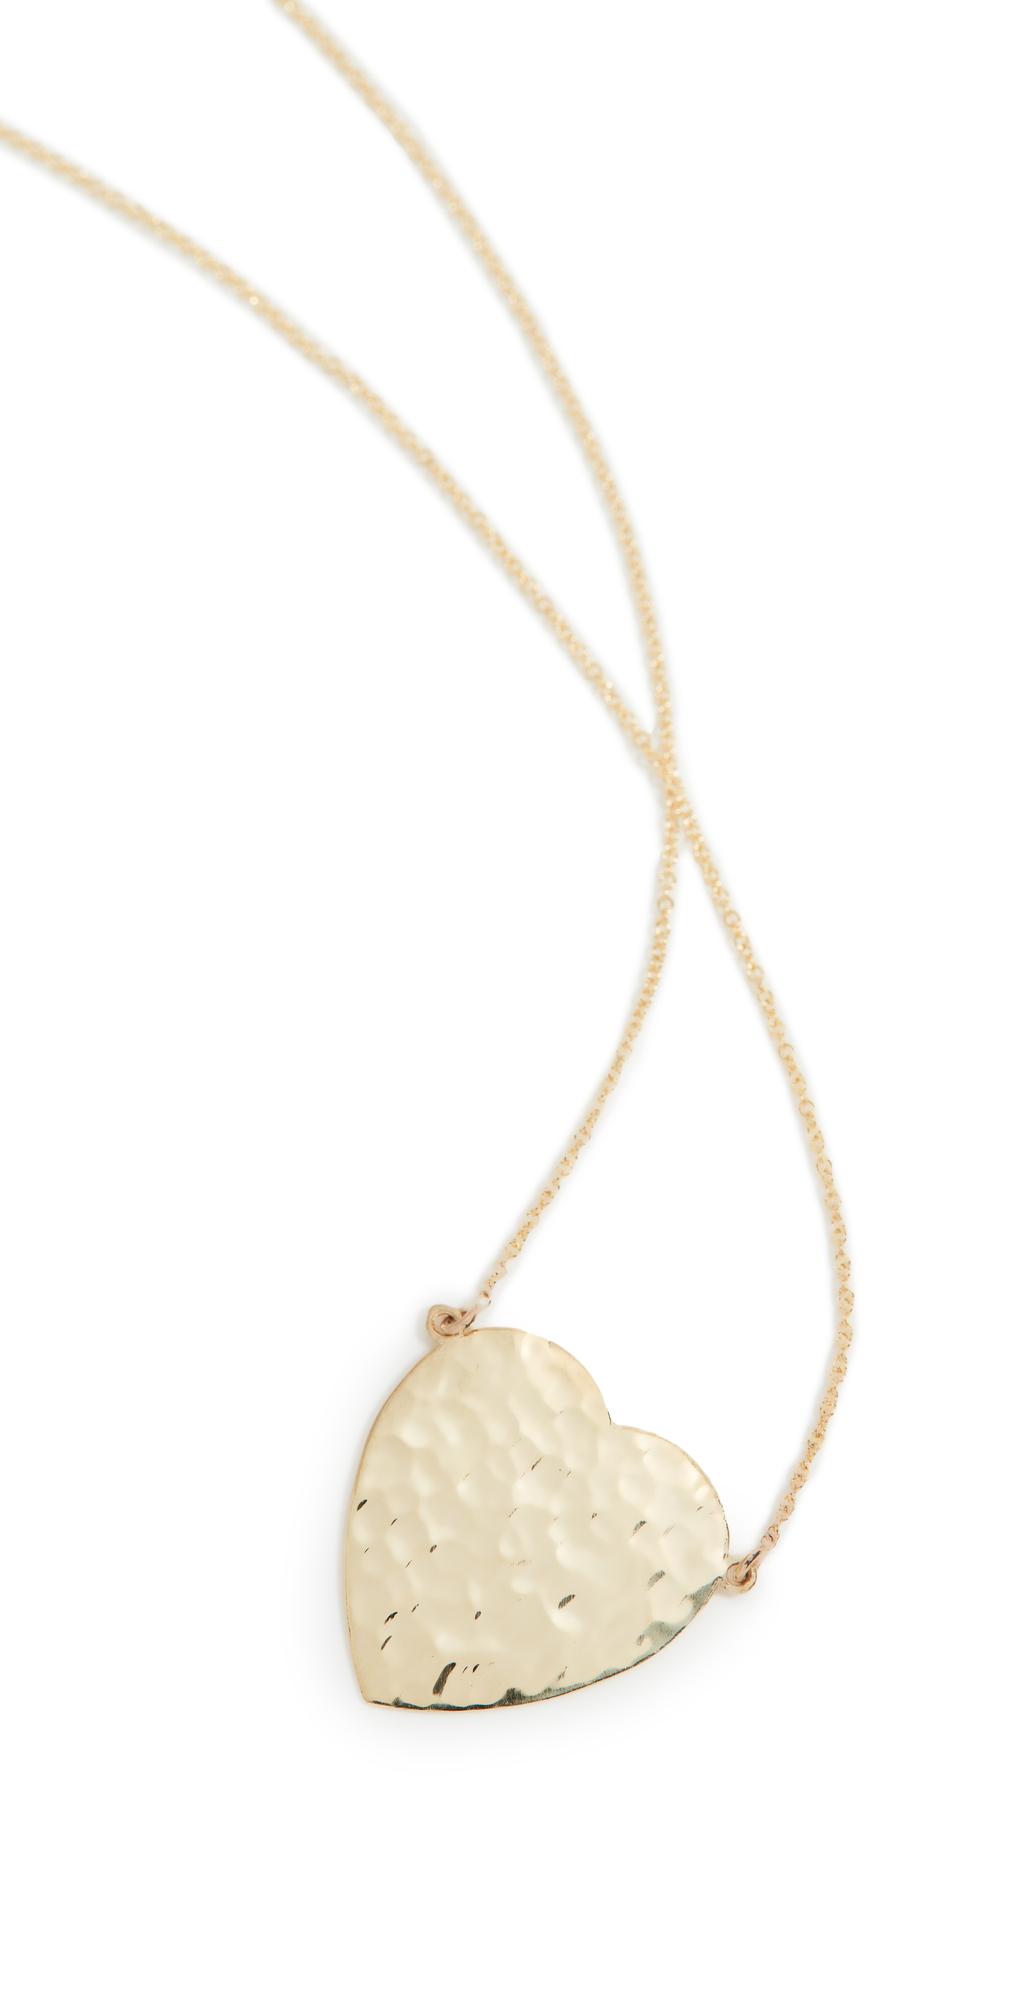 Jennifer Meyer Jewelry 18k Gold Hammered Heart Necklace